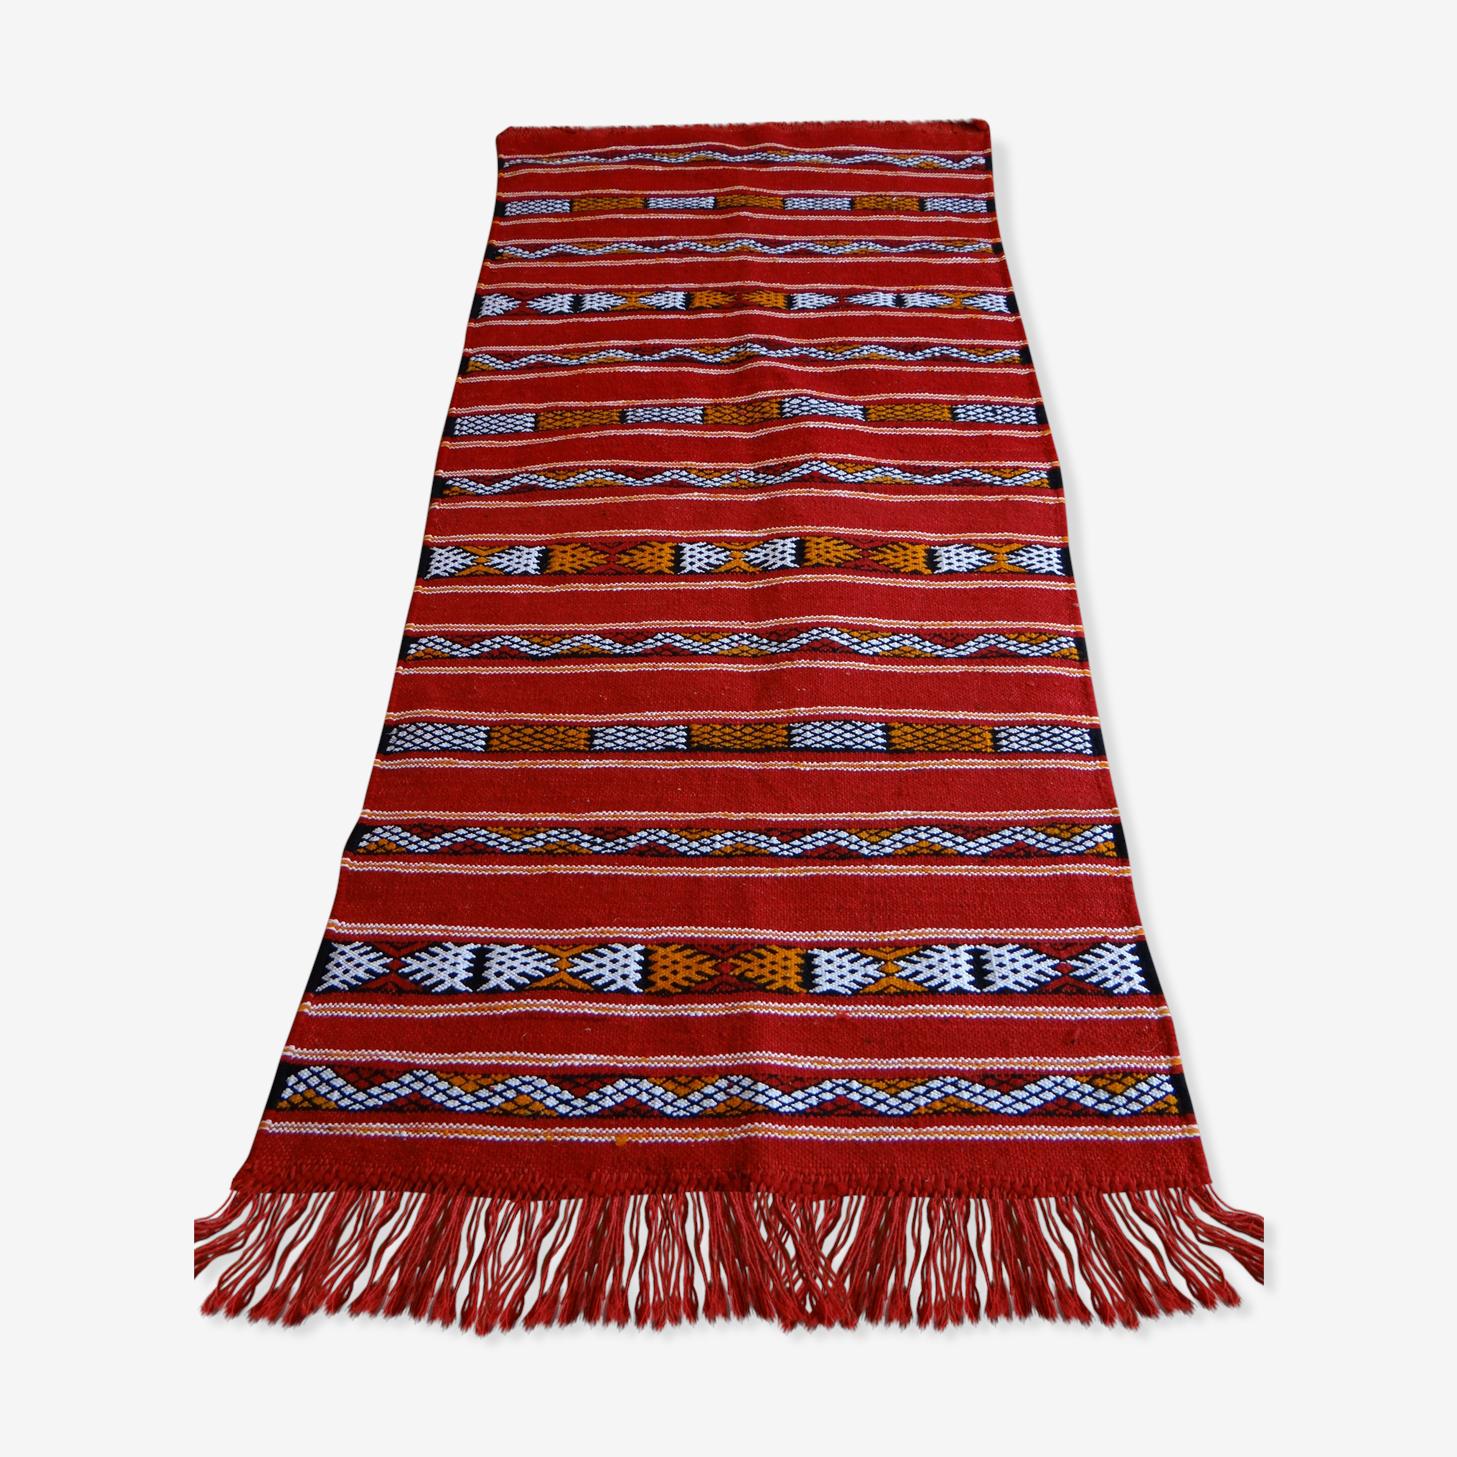 Tapis Kilim original du Moyen Atlas Maroc - coloration naturelle 165x65 cm